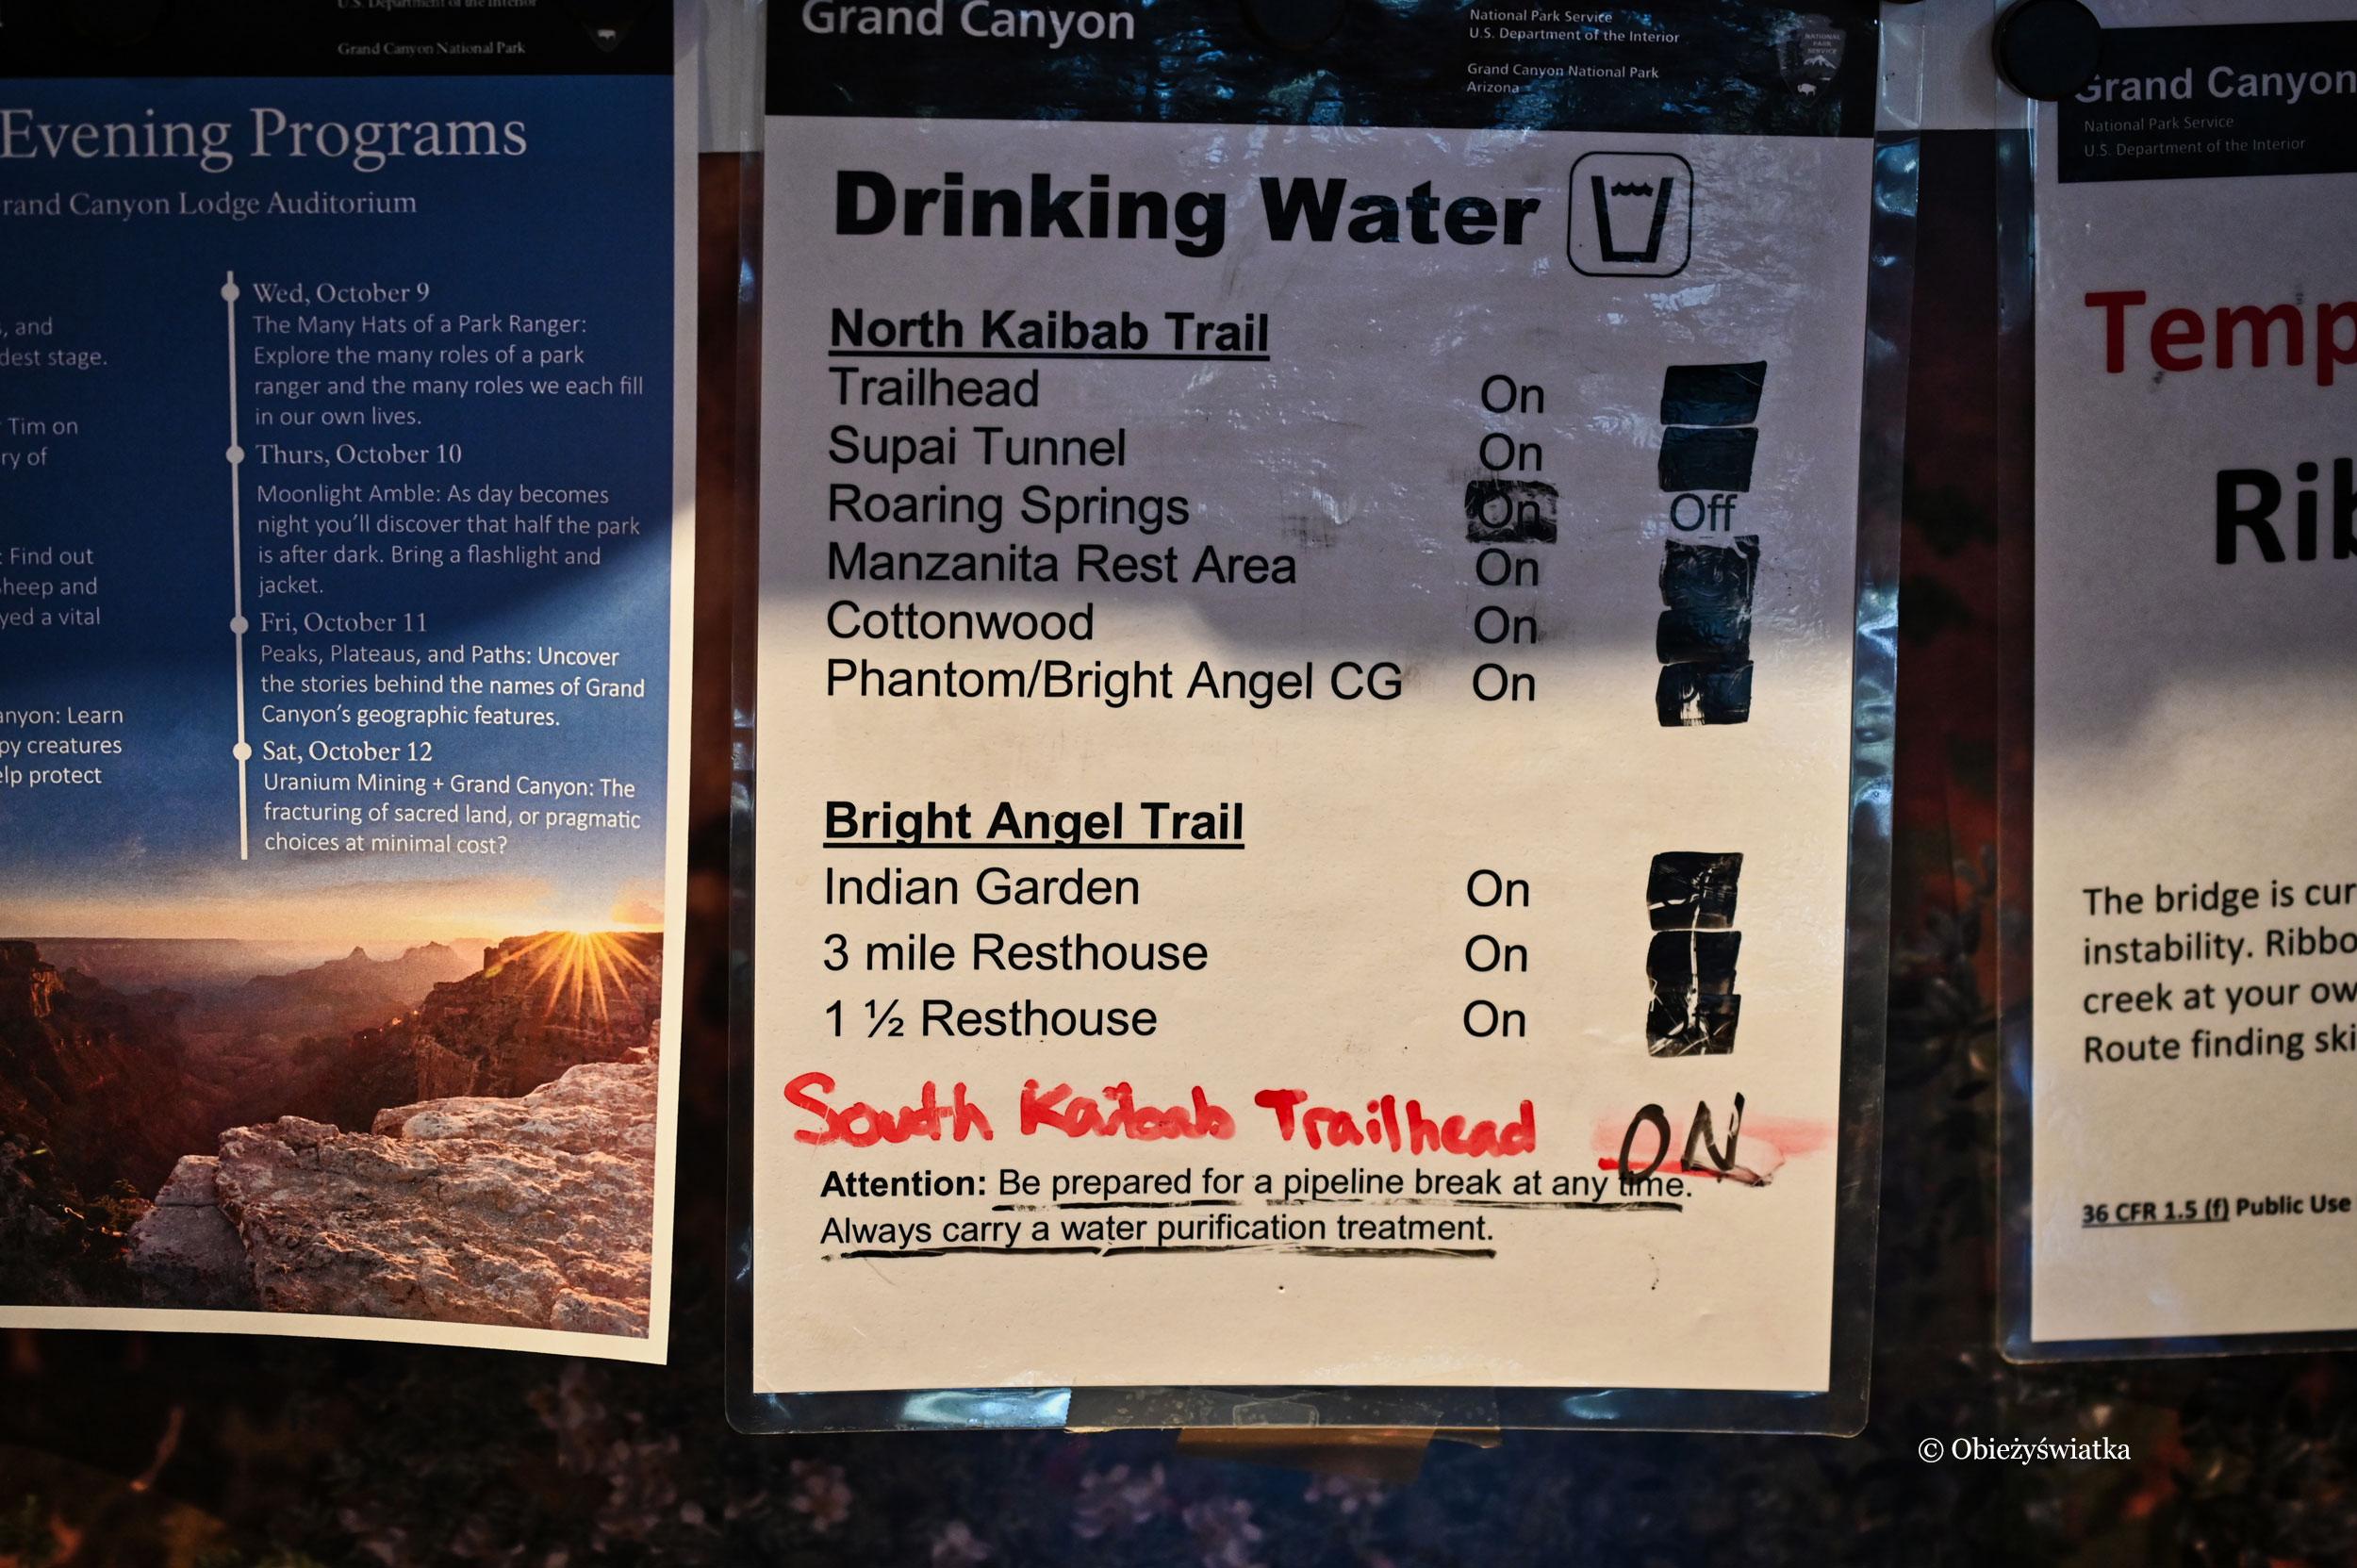 Tablice informacyjne o możliwości uzupełnienia zapasów wody w czasie wędrówki przez Grand Canyon, Arizona